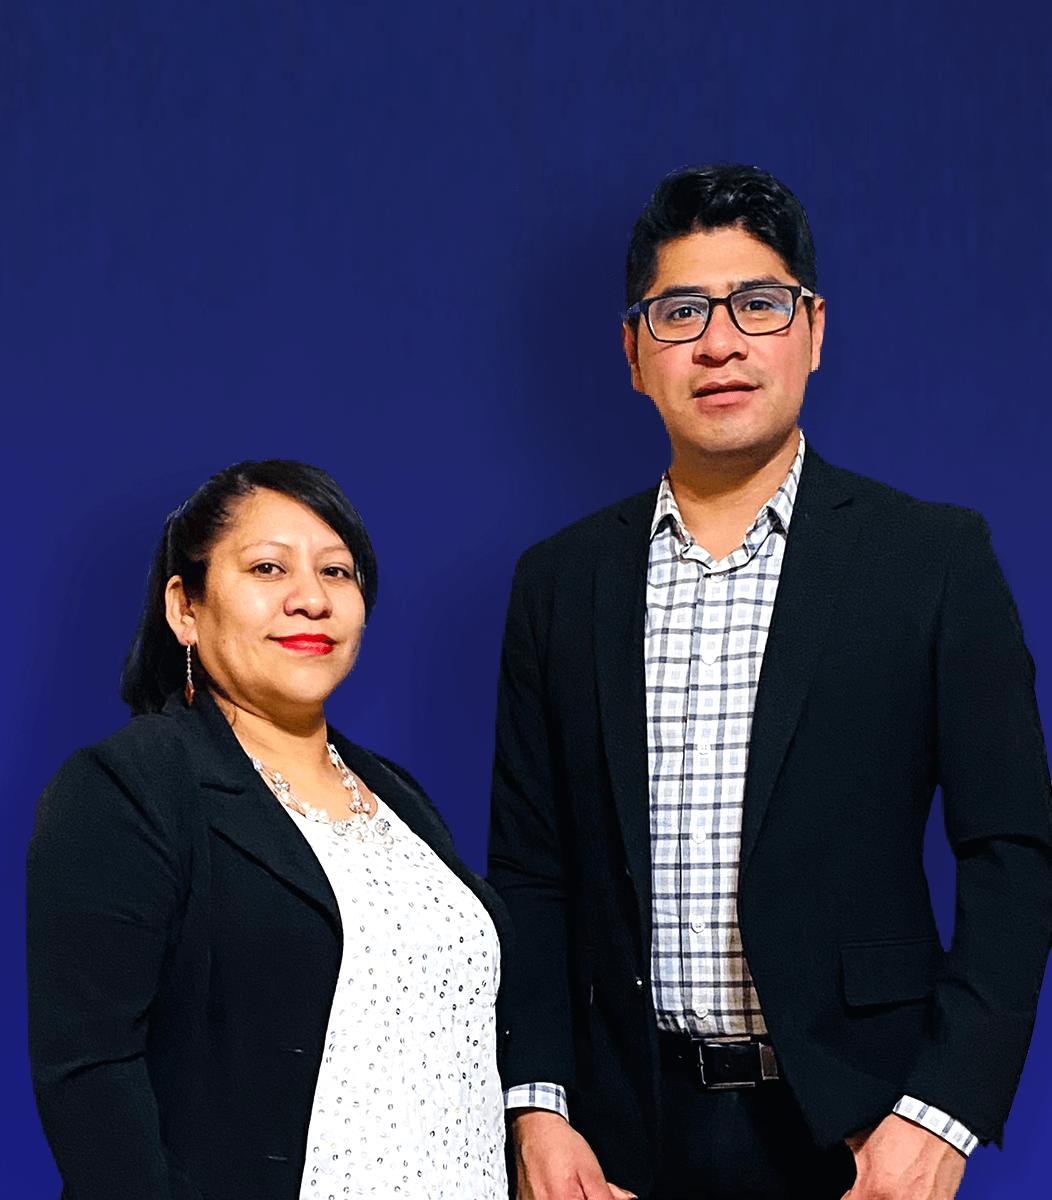 Abraham Hernández y Blanca Olvera | Centro de Vida Cristiana